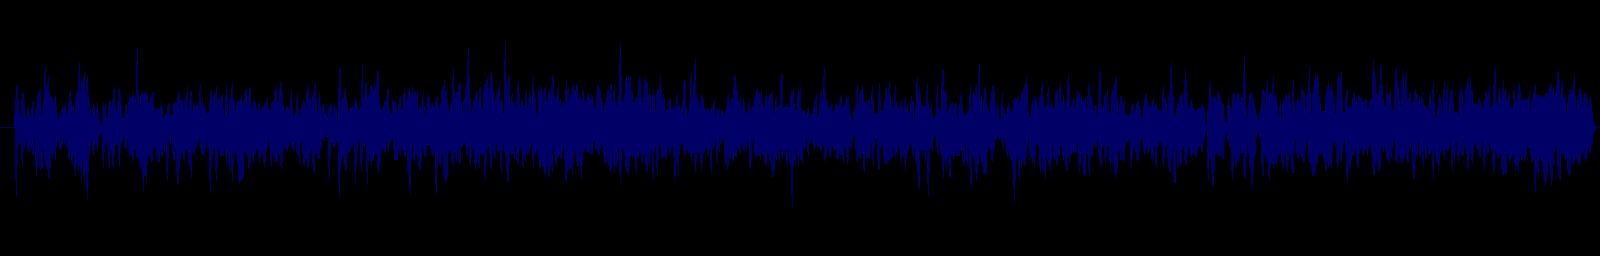 waveform of track #104749